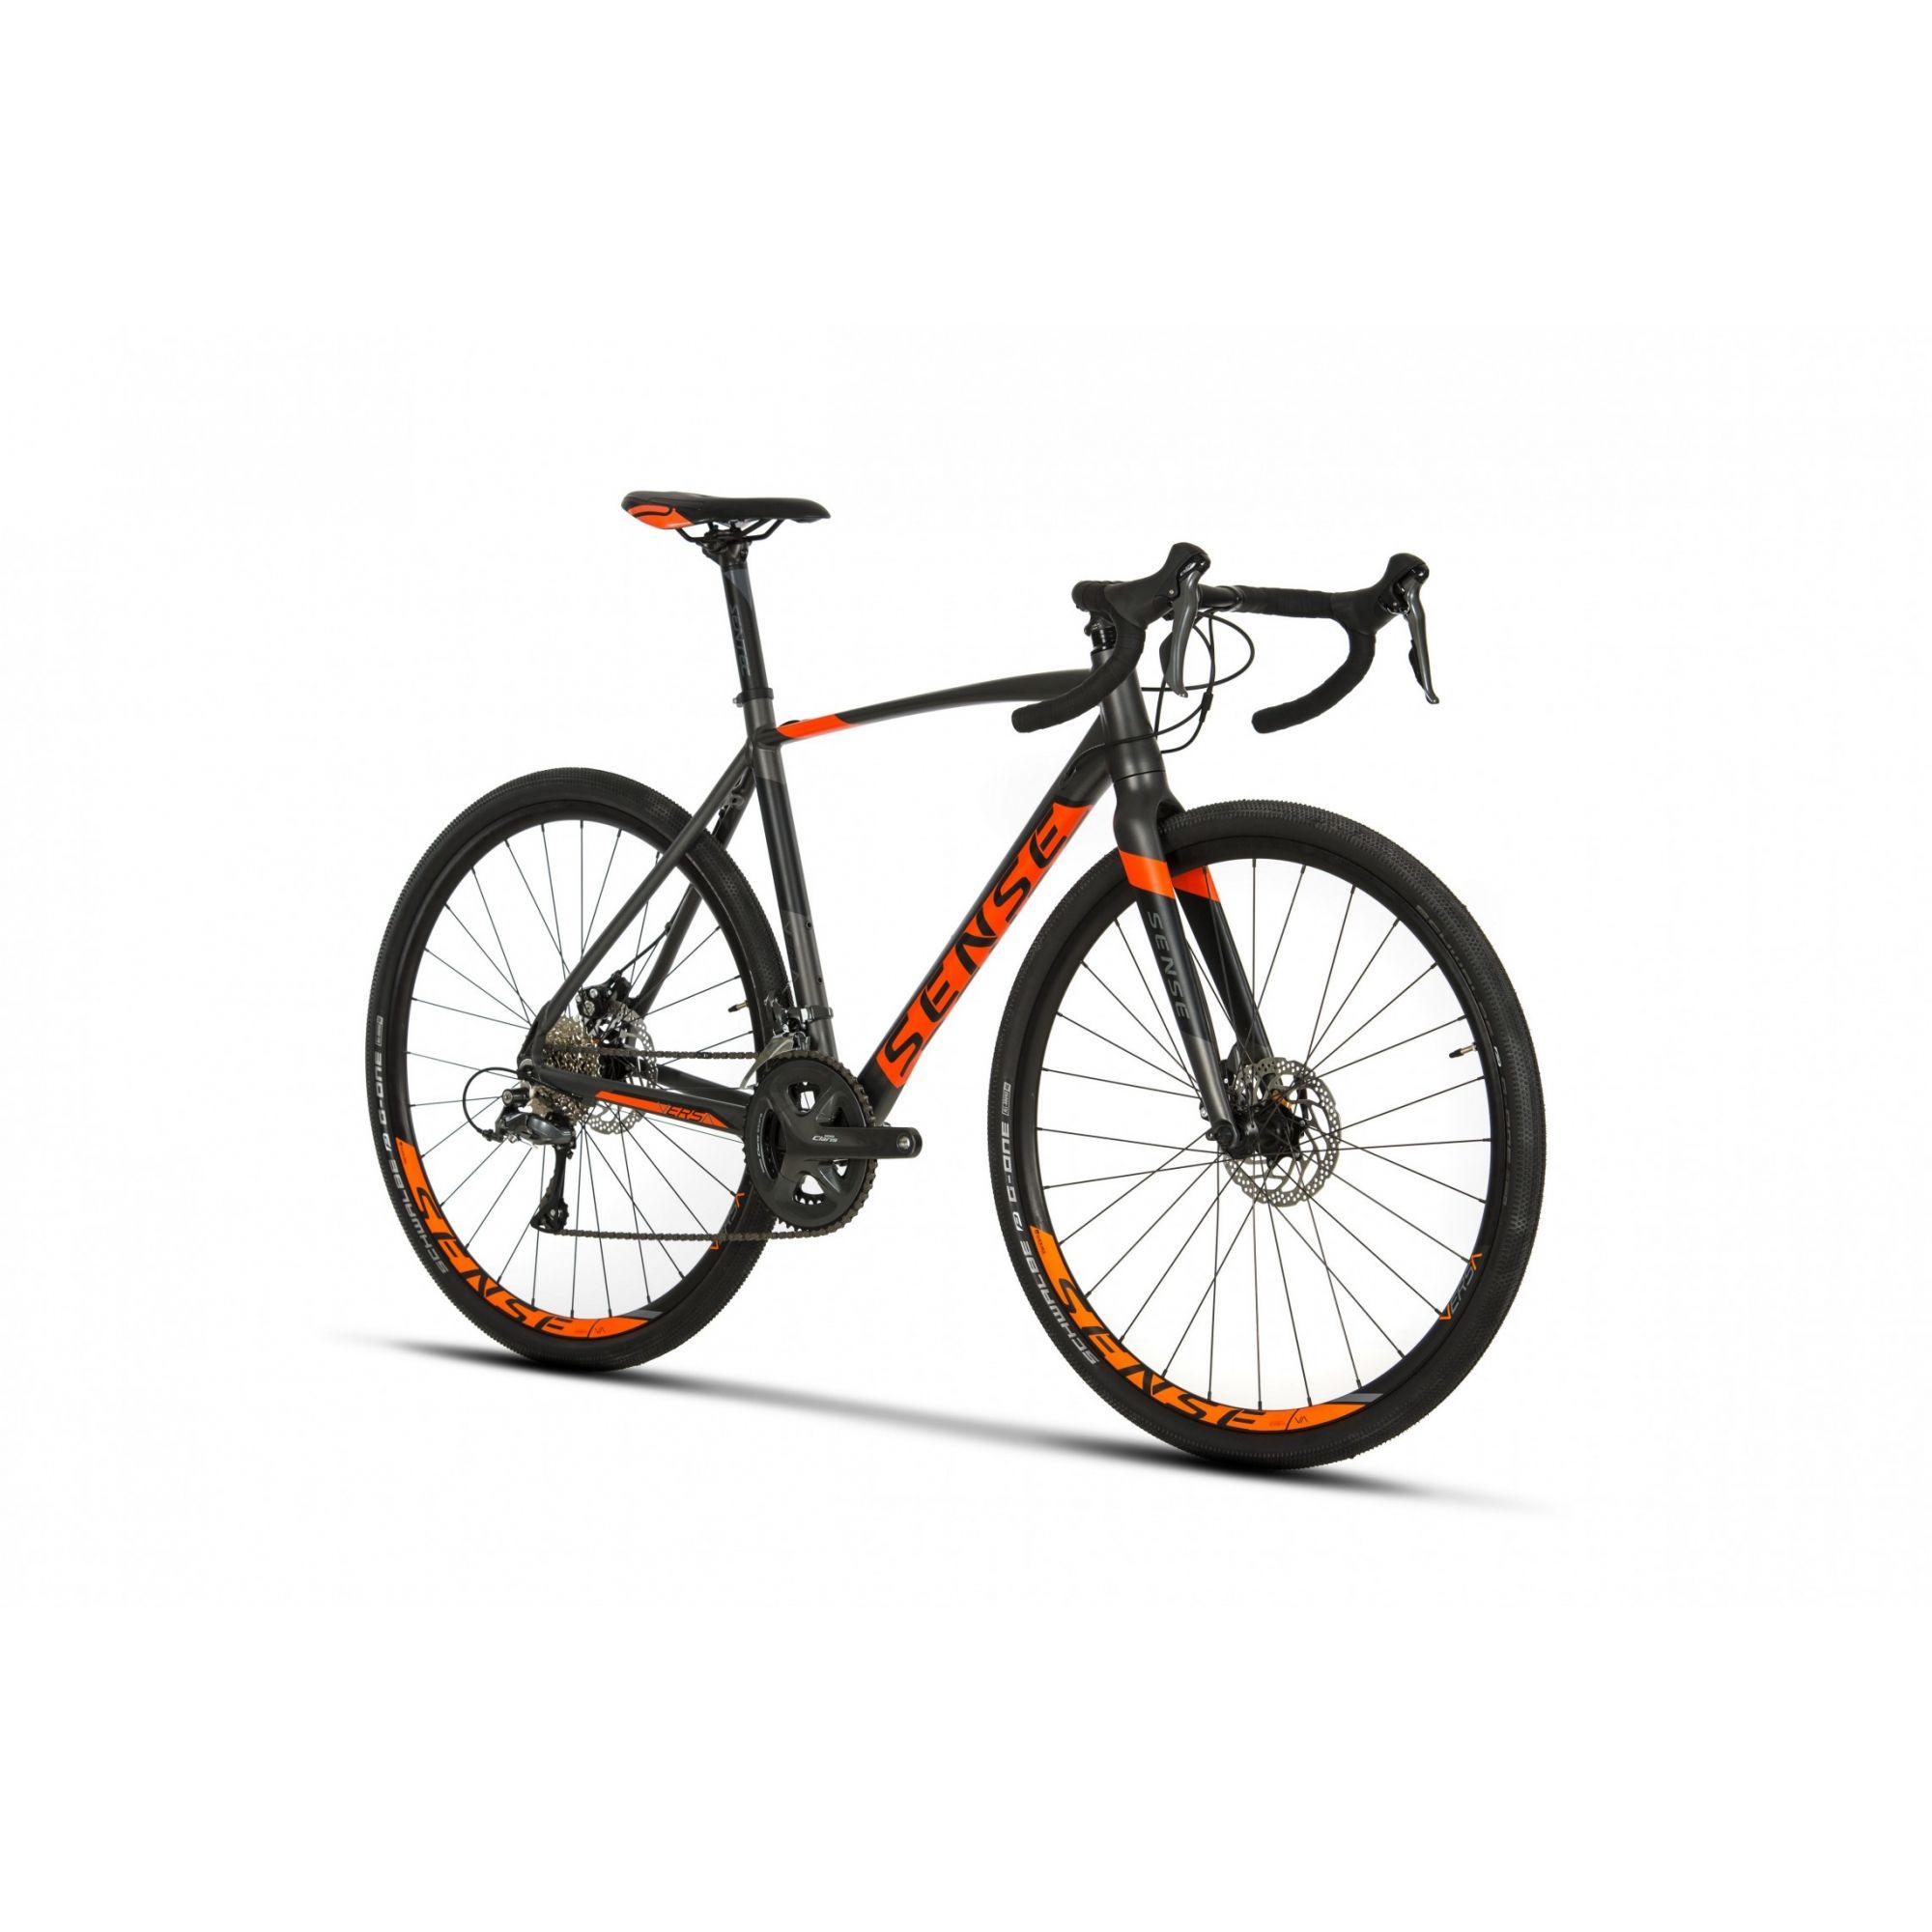 Bicicleta Versa Sense